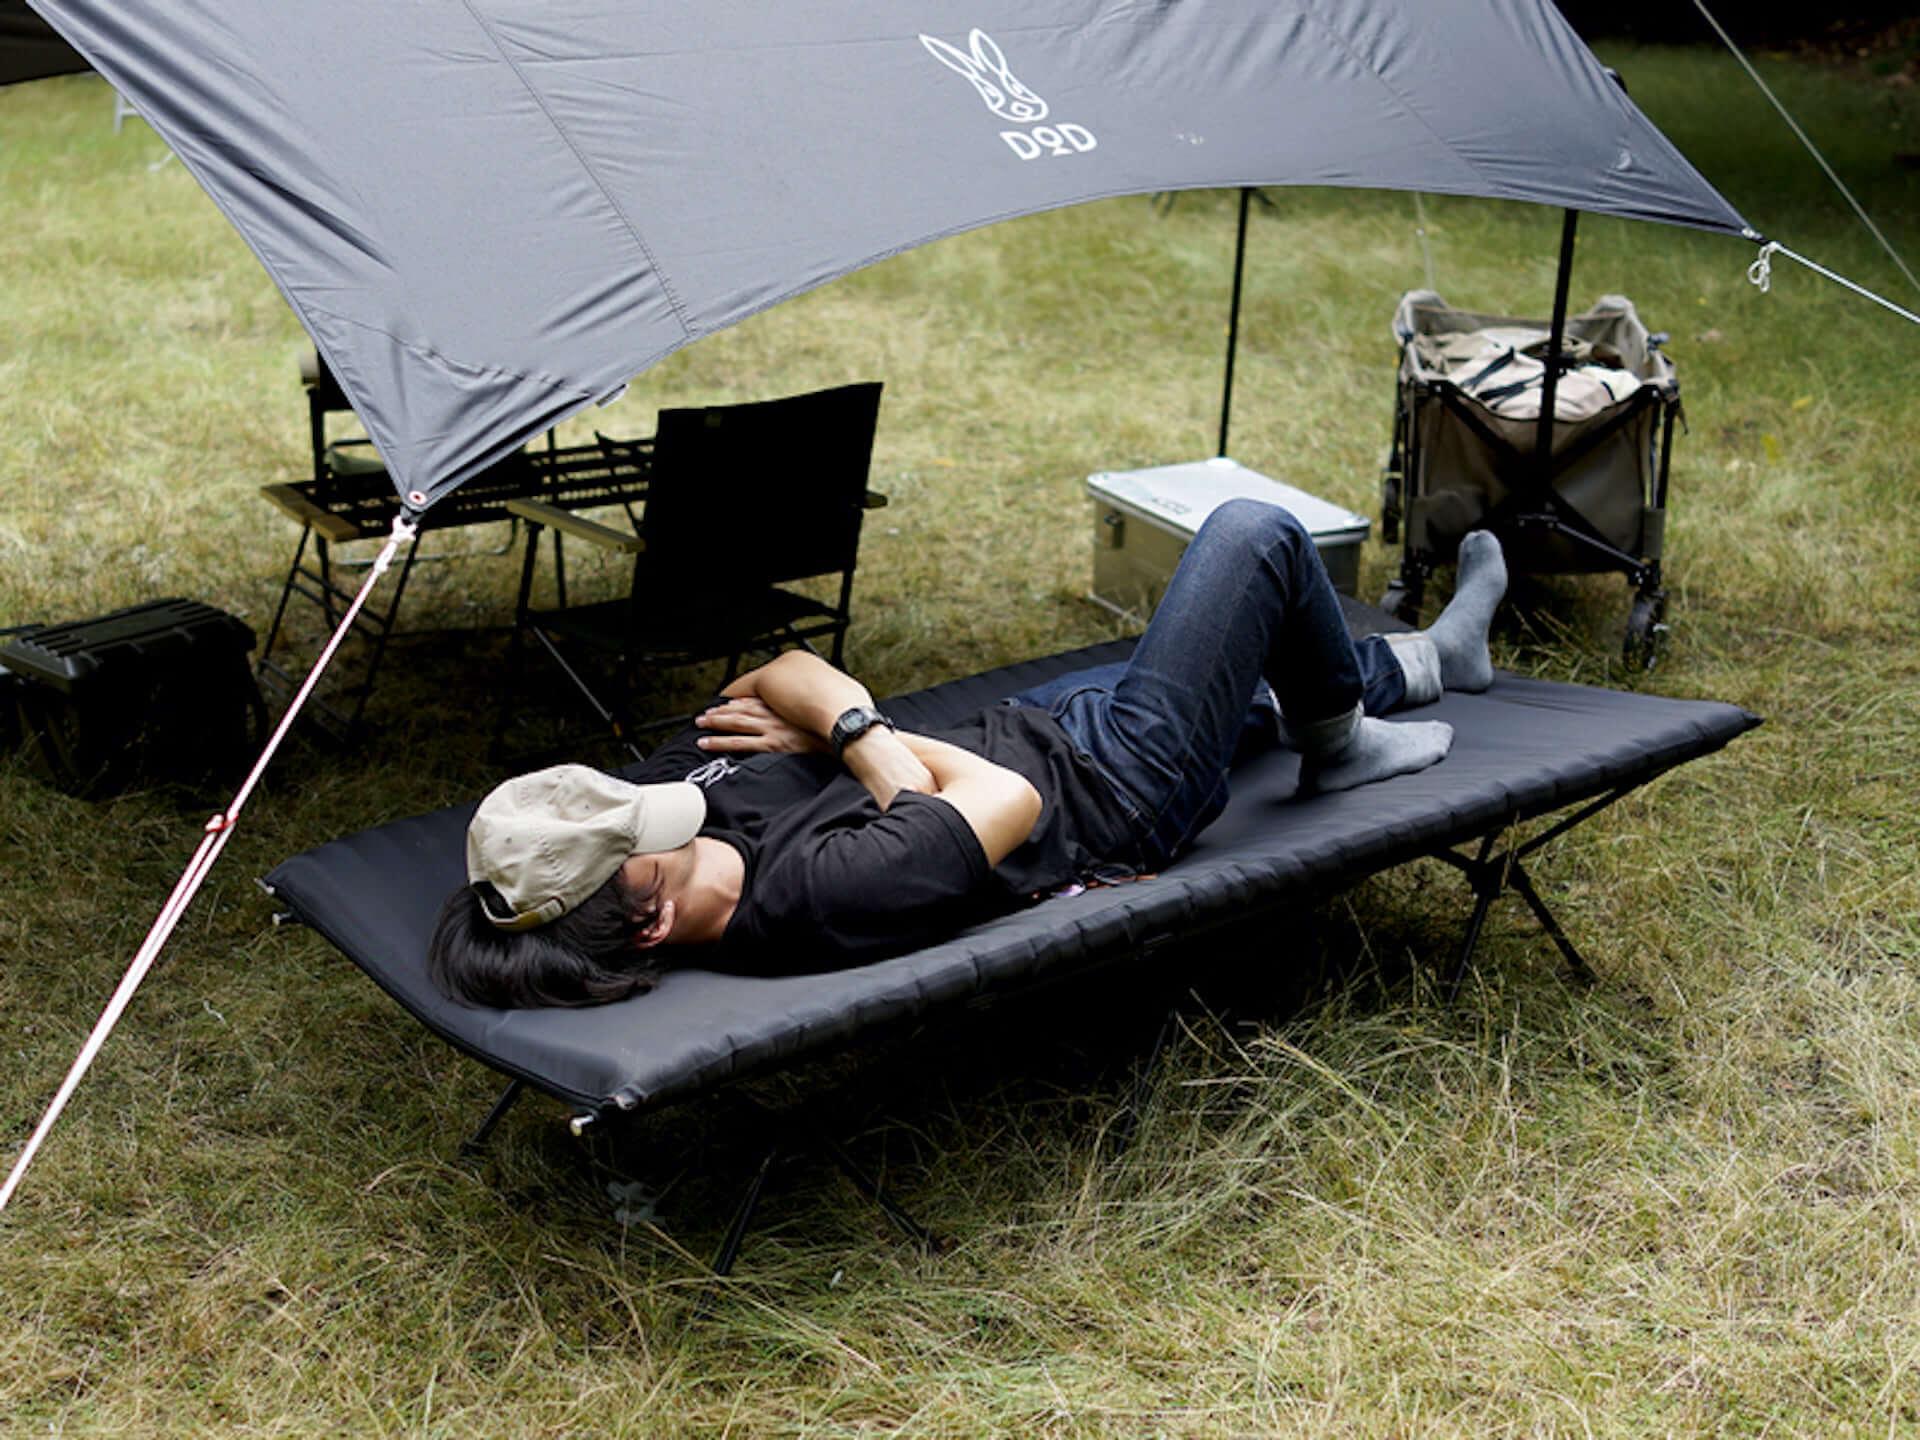 1台3役のキャンプ用ふかふかベッドが登場!男性でも快適な幅広設計なのにコンパクトで持ち運びに便利 lifefashion190723dod-camp-cot_1-1920x1440